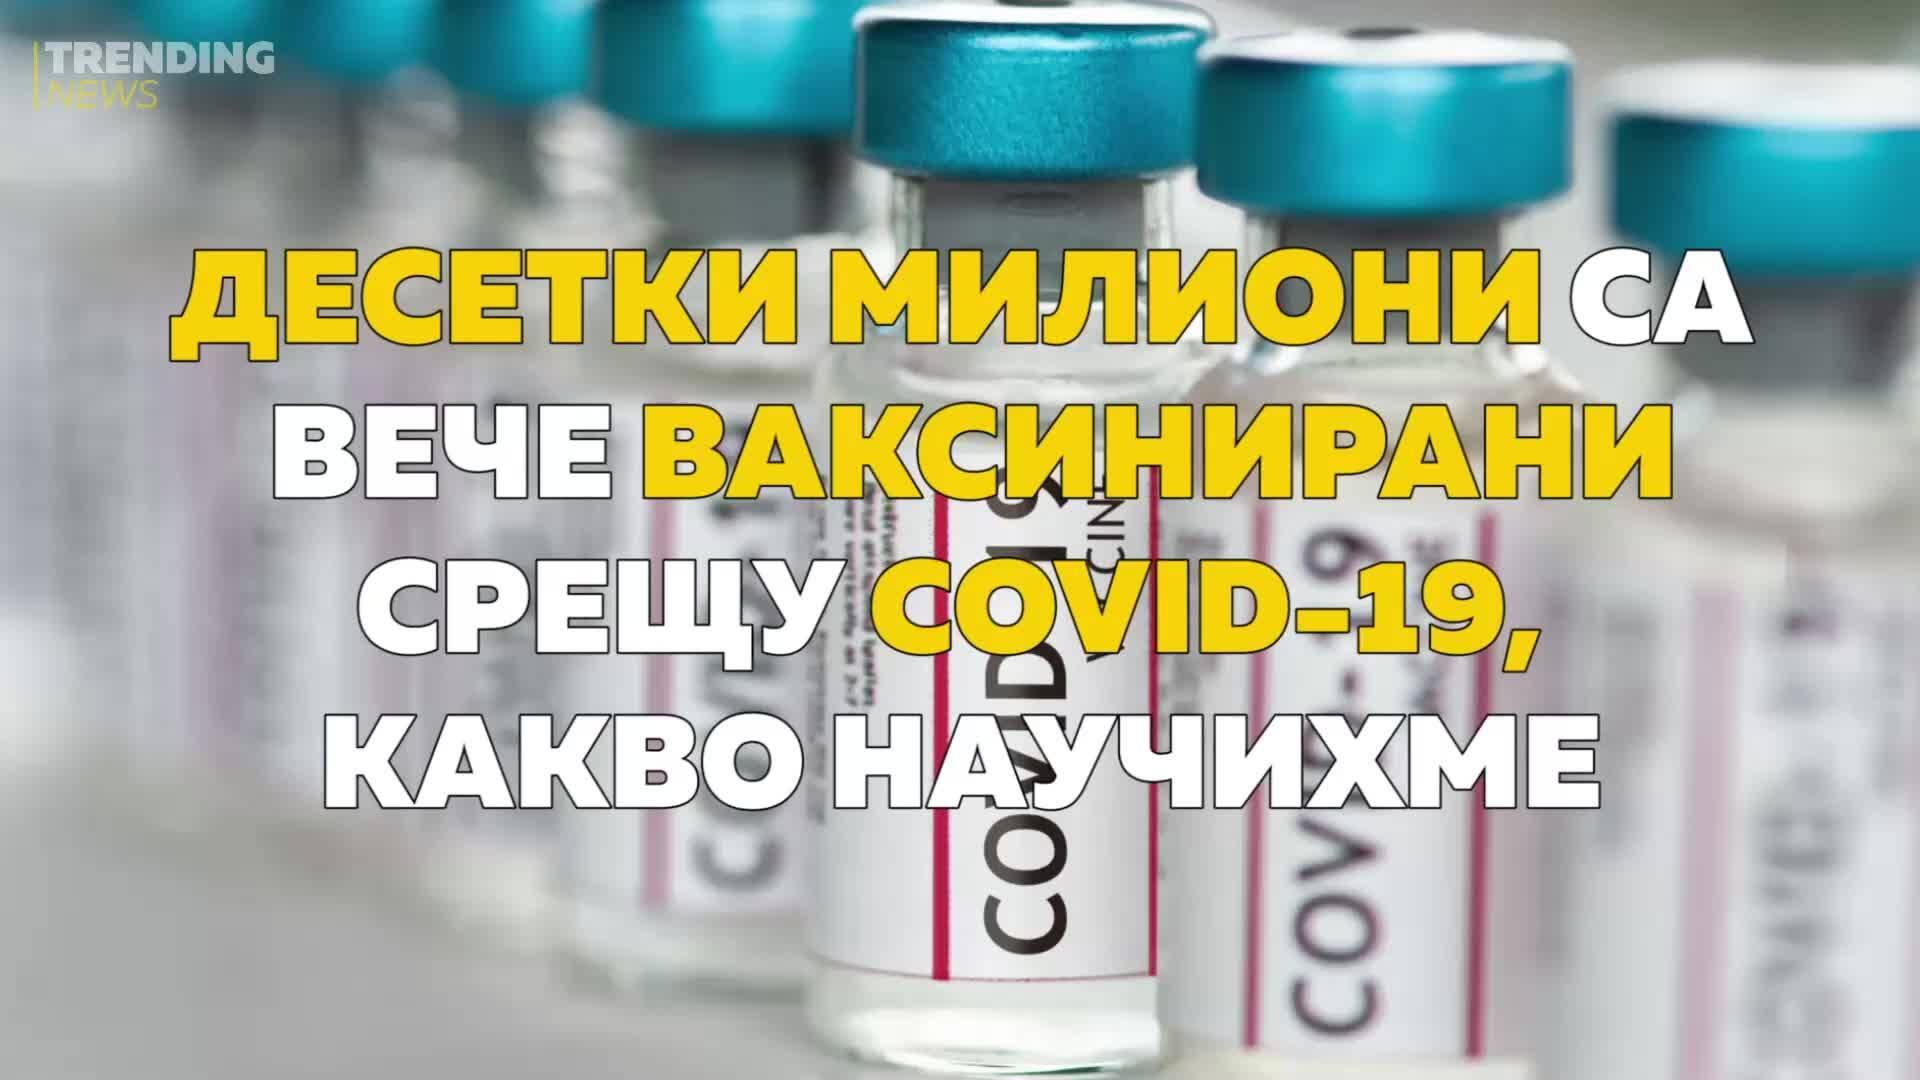 Десетки милиони са вече ваксинирани срещу COVID-19, какво научихме